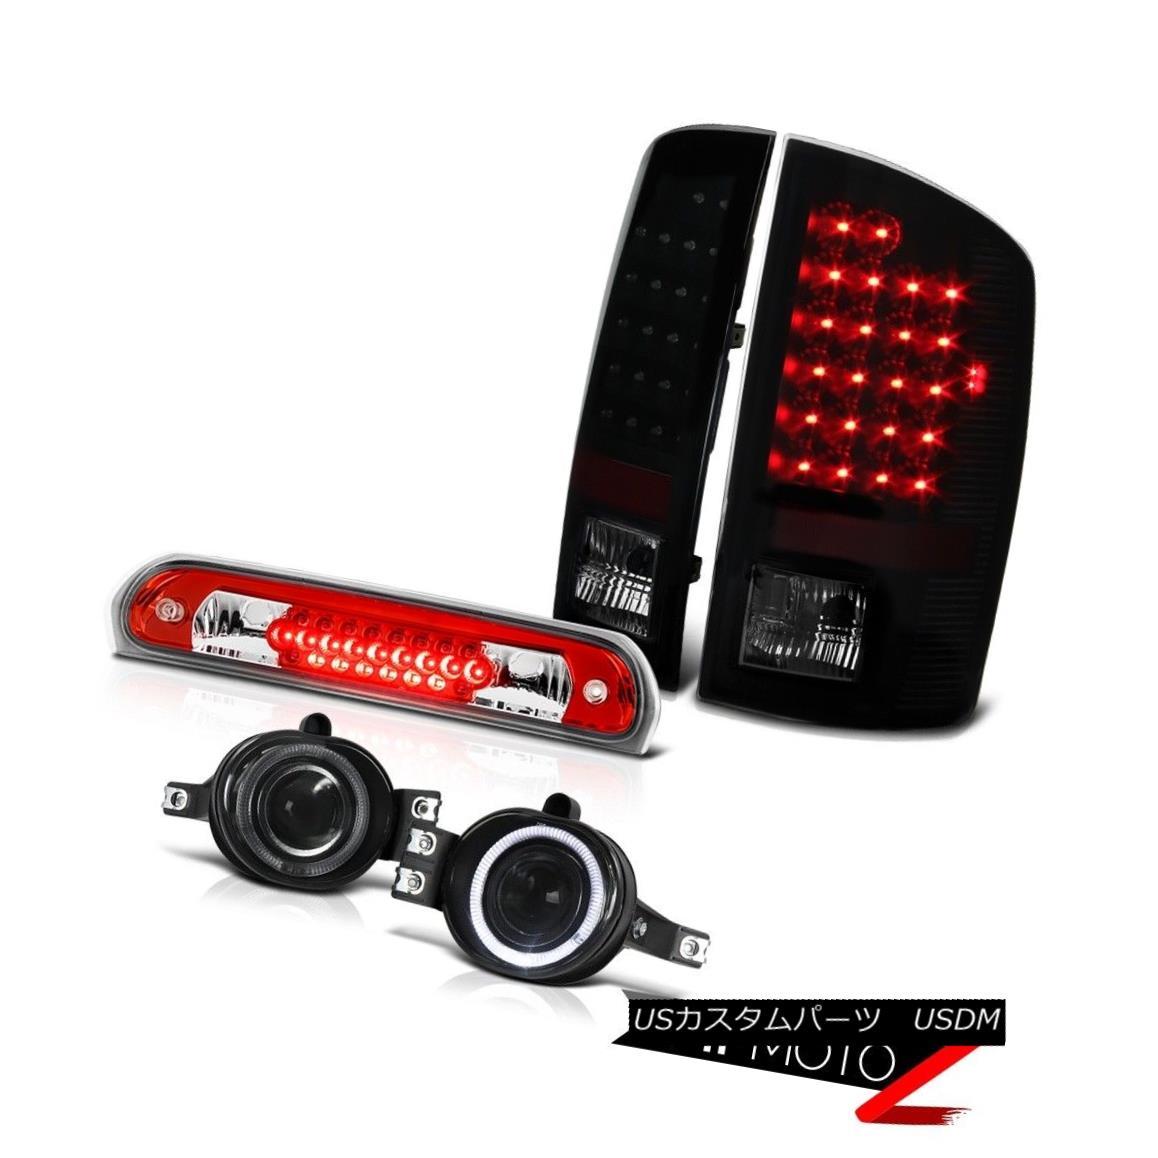 テールライト 2006 Dodge Ram Hemi LED Tail Lights Lamps Projector Foglamps Roof 3rd Brake Red 2006 Dodge Ram Hemi LEDテールライトランププロジェクターフォグランプ屋根第3ブレーキ赤